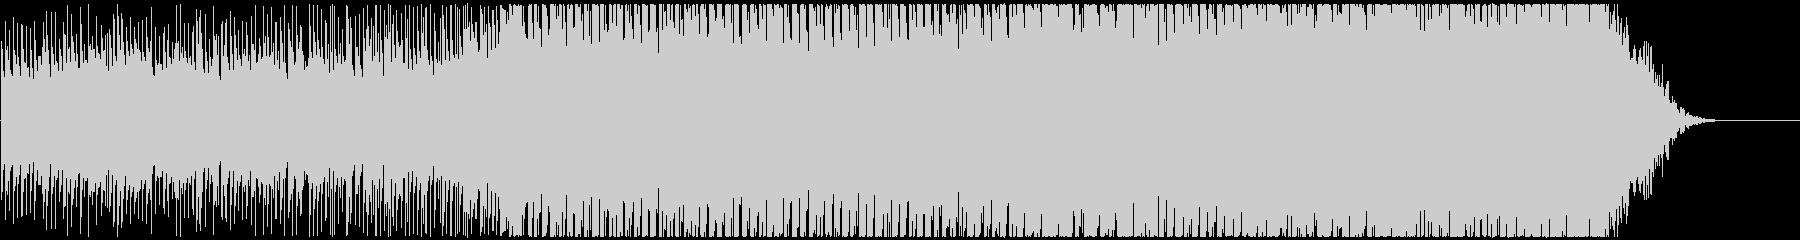 疾走感のあるキラキラしたシンセポップの未再生の波形